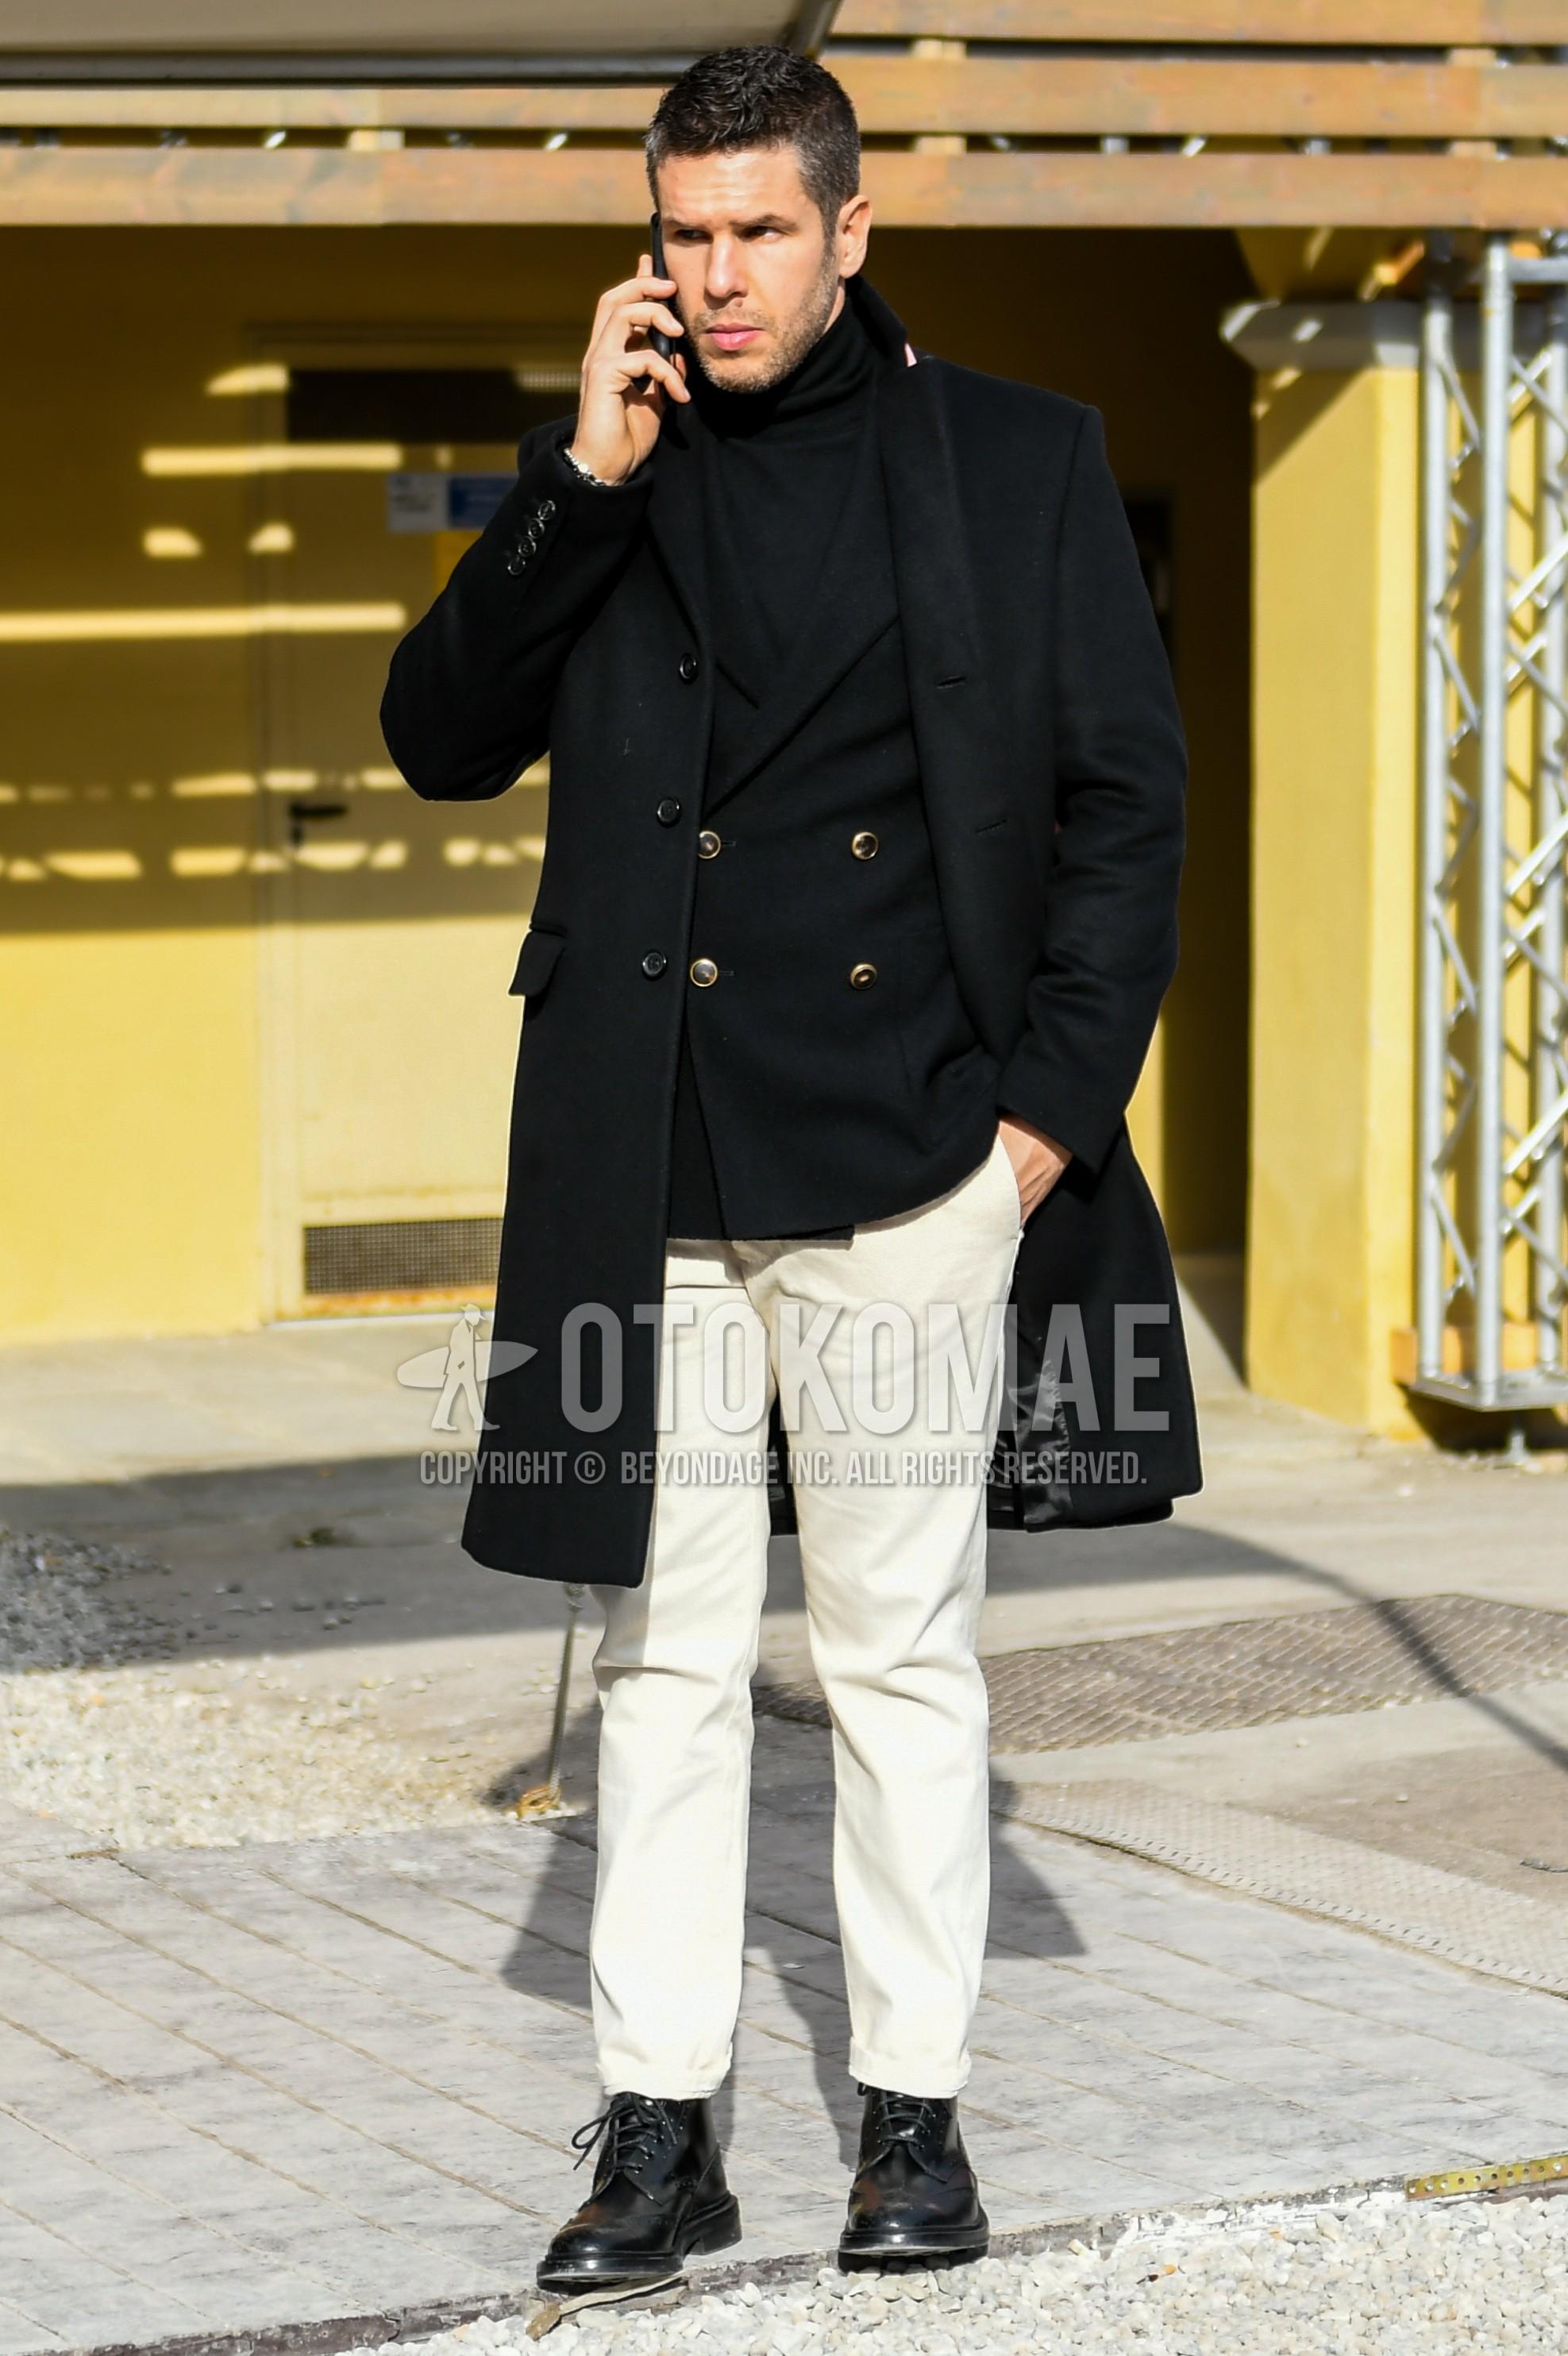 黒無地のチェスターコート、黒無地のテーラードジャケット、黒無地のタートルネックニット、白無地のコットンパンツ、黒のブーツを合わせた冬のメンズコーデ・着こなし。